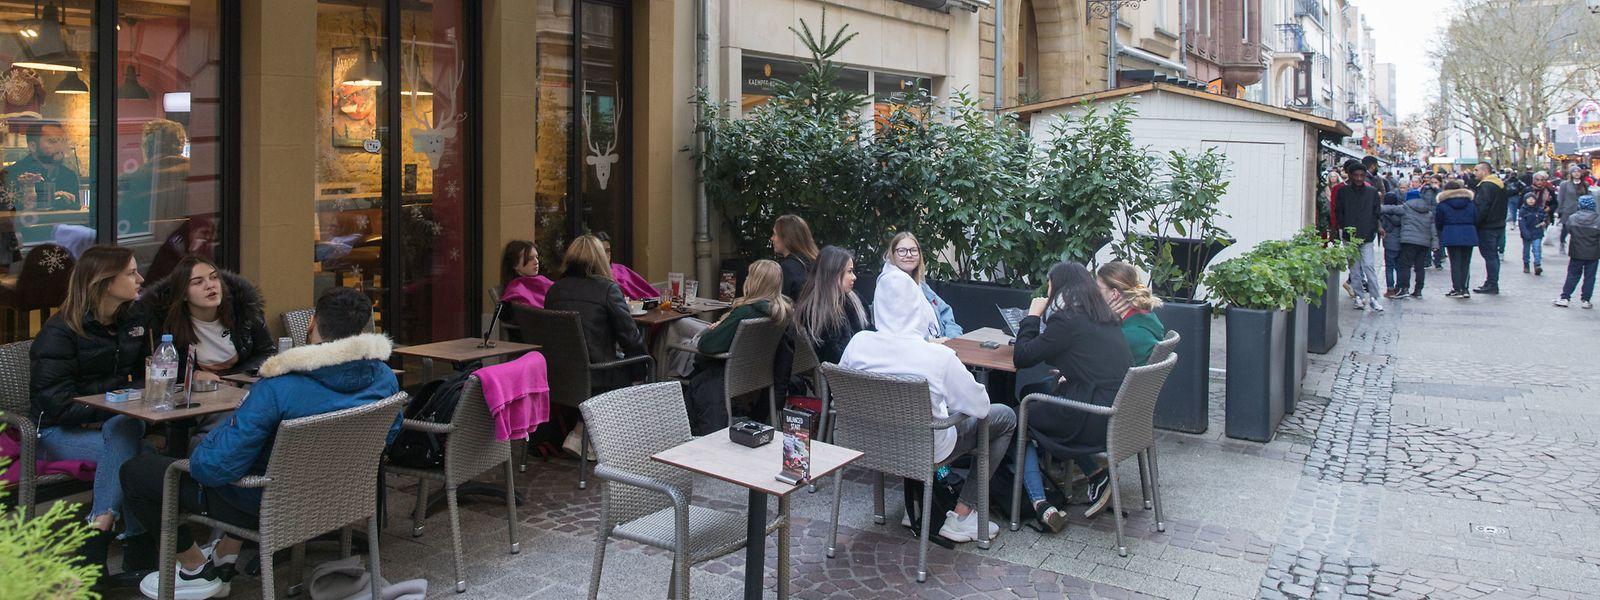 Die Terrassen der Restaurants und Cafés in Luxemburg-Stadt waren am Dienstag gut besucht.